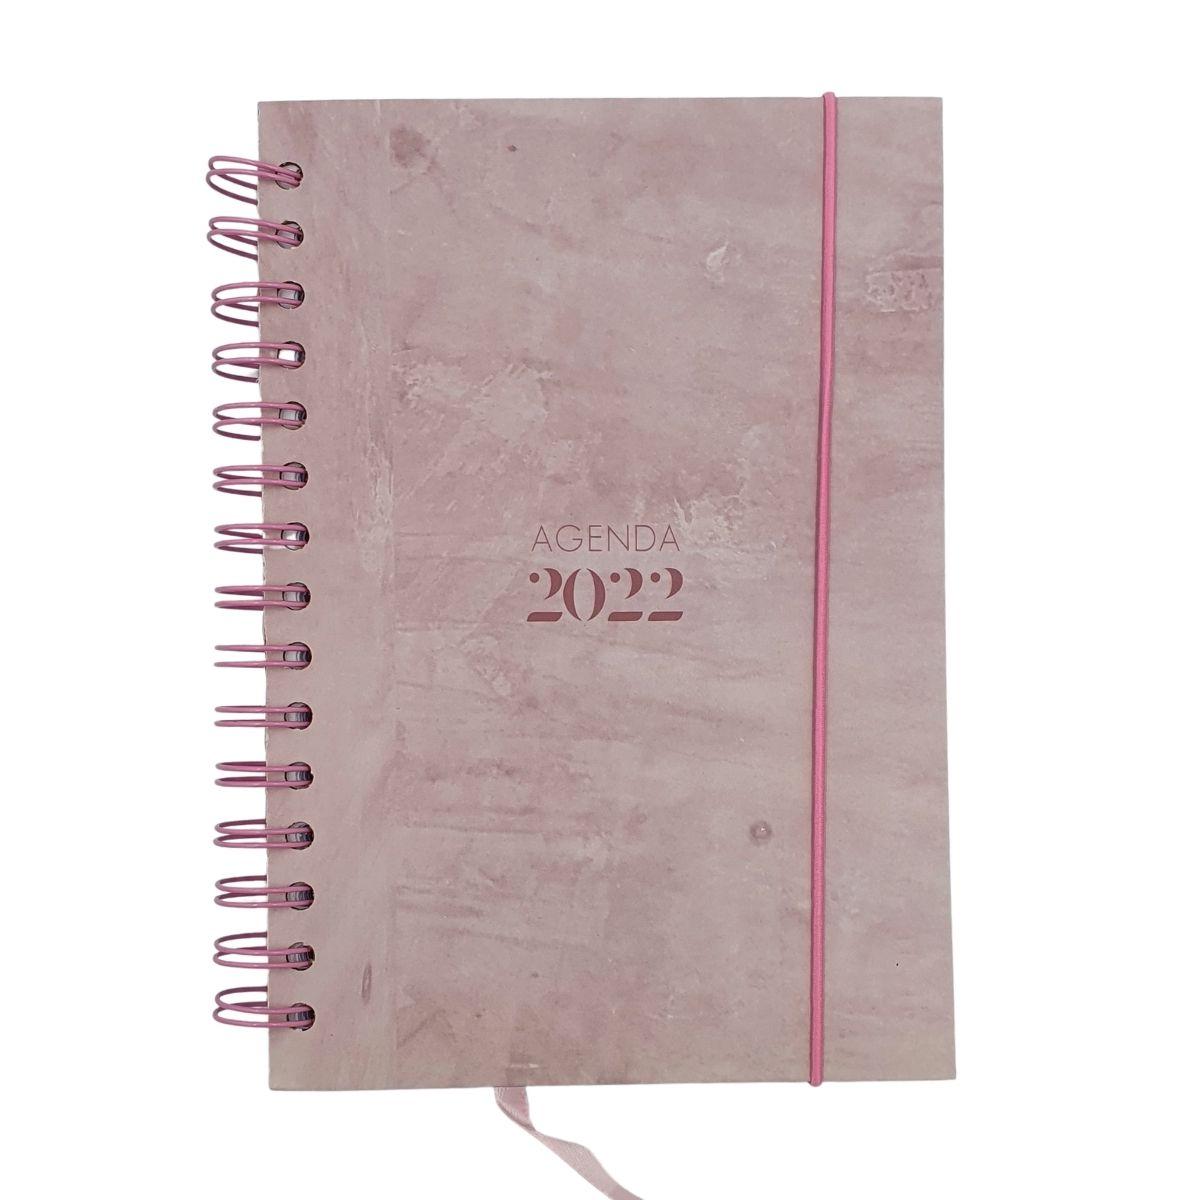 Agenda 2022 A5 Texturizada Rosa